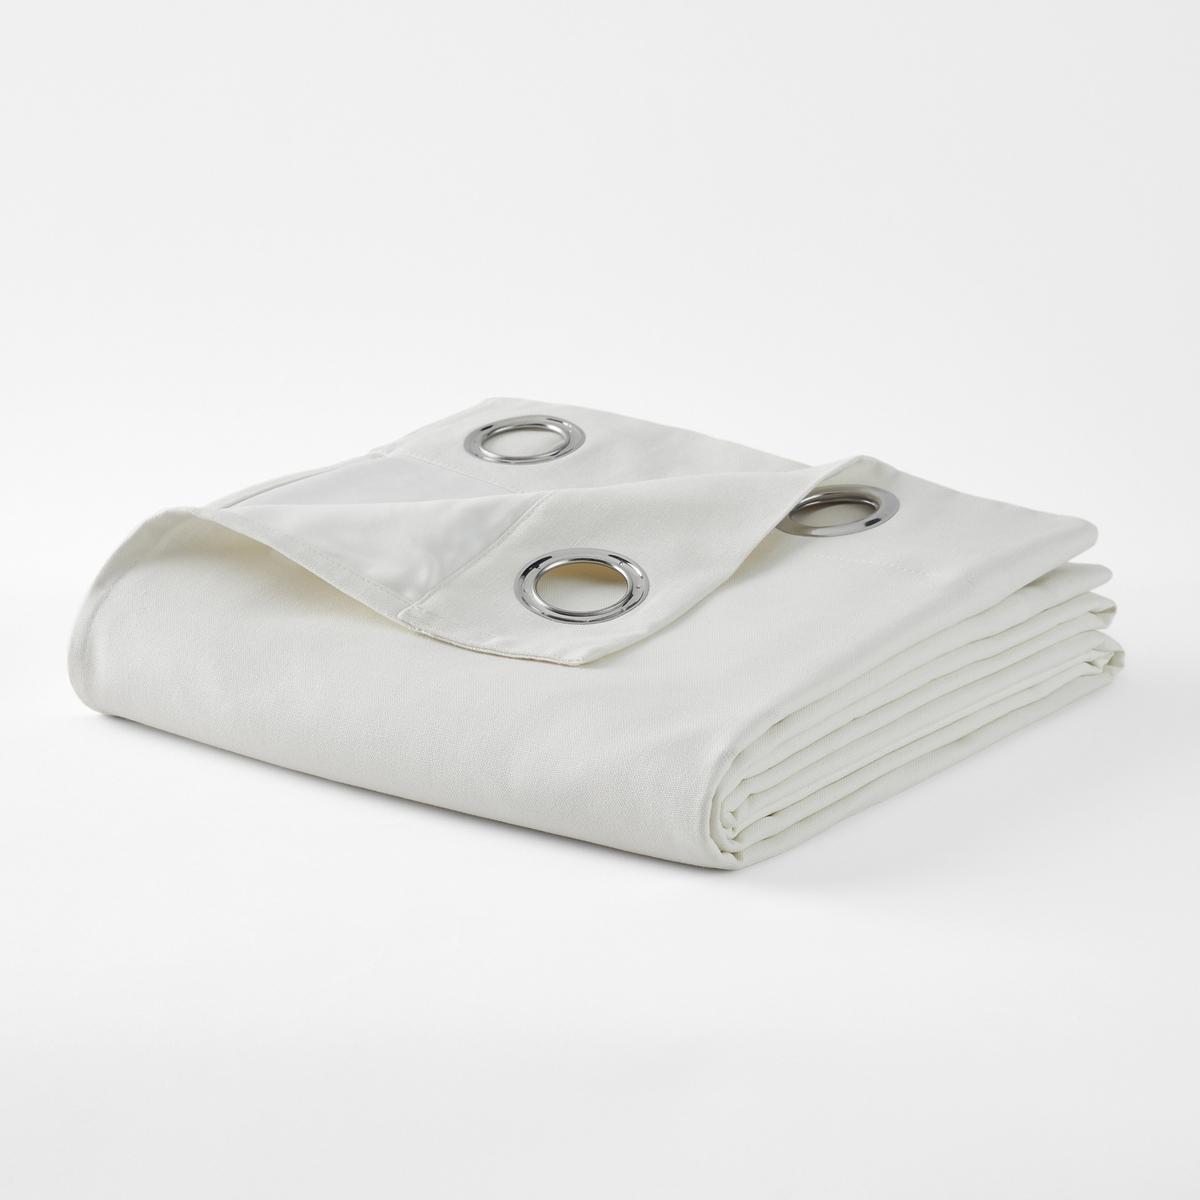 Штора затеняющая из смесовой ткани из льна и хлопка с люверсами TA?MAШтора из смесовой ткани с затемняющей подкладкой, качество Qualit? Best . Высококачественная ткань с плотным переплетением нитей из льна и хлопка : складки и затемняющий эффект.Характеристики затемняющей шторы из смесовой ткани из льна и хлопка с люверсами TA?MA55% льна, 45% хлопкаЗатемняющая подкладка в тон, 100% полиэстер для белого цветаОтделка люверсами цвета серебристый металлик ? 4 смНиз подшит 5 смОтличная стойкость цветов   .Качество BEST, требование качества.Размеры : В.180 x Ш.145 см, В.220 x ш.145 см, В.260 x Ш.145 см, В.350 x Ш.145 смЗнак Oeko-Tex® гарантирует, что товары прошли проверку и были изготовлены без применения вредных для здоровья человека веществ.<br><br>Цвет: белый,бледный сине-зеленый,розовое дерево,светло-серо-коричневый,светло-серый,серо-бежевый,серо-синий,сливовый,темно-серый,экрю<br>Размер: 260 x 145  см